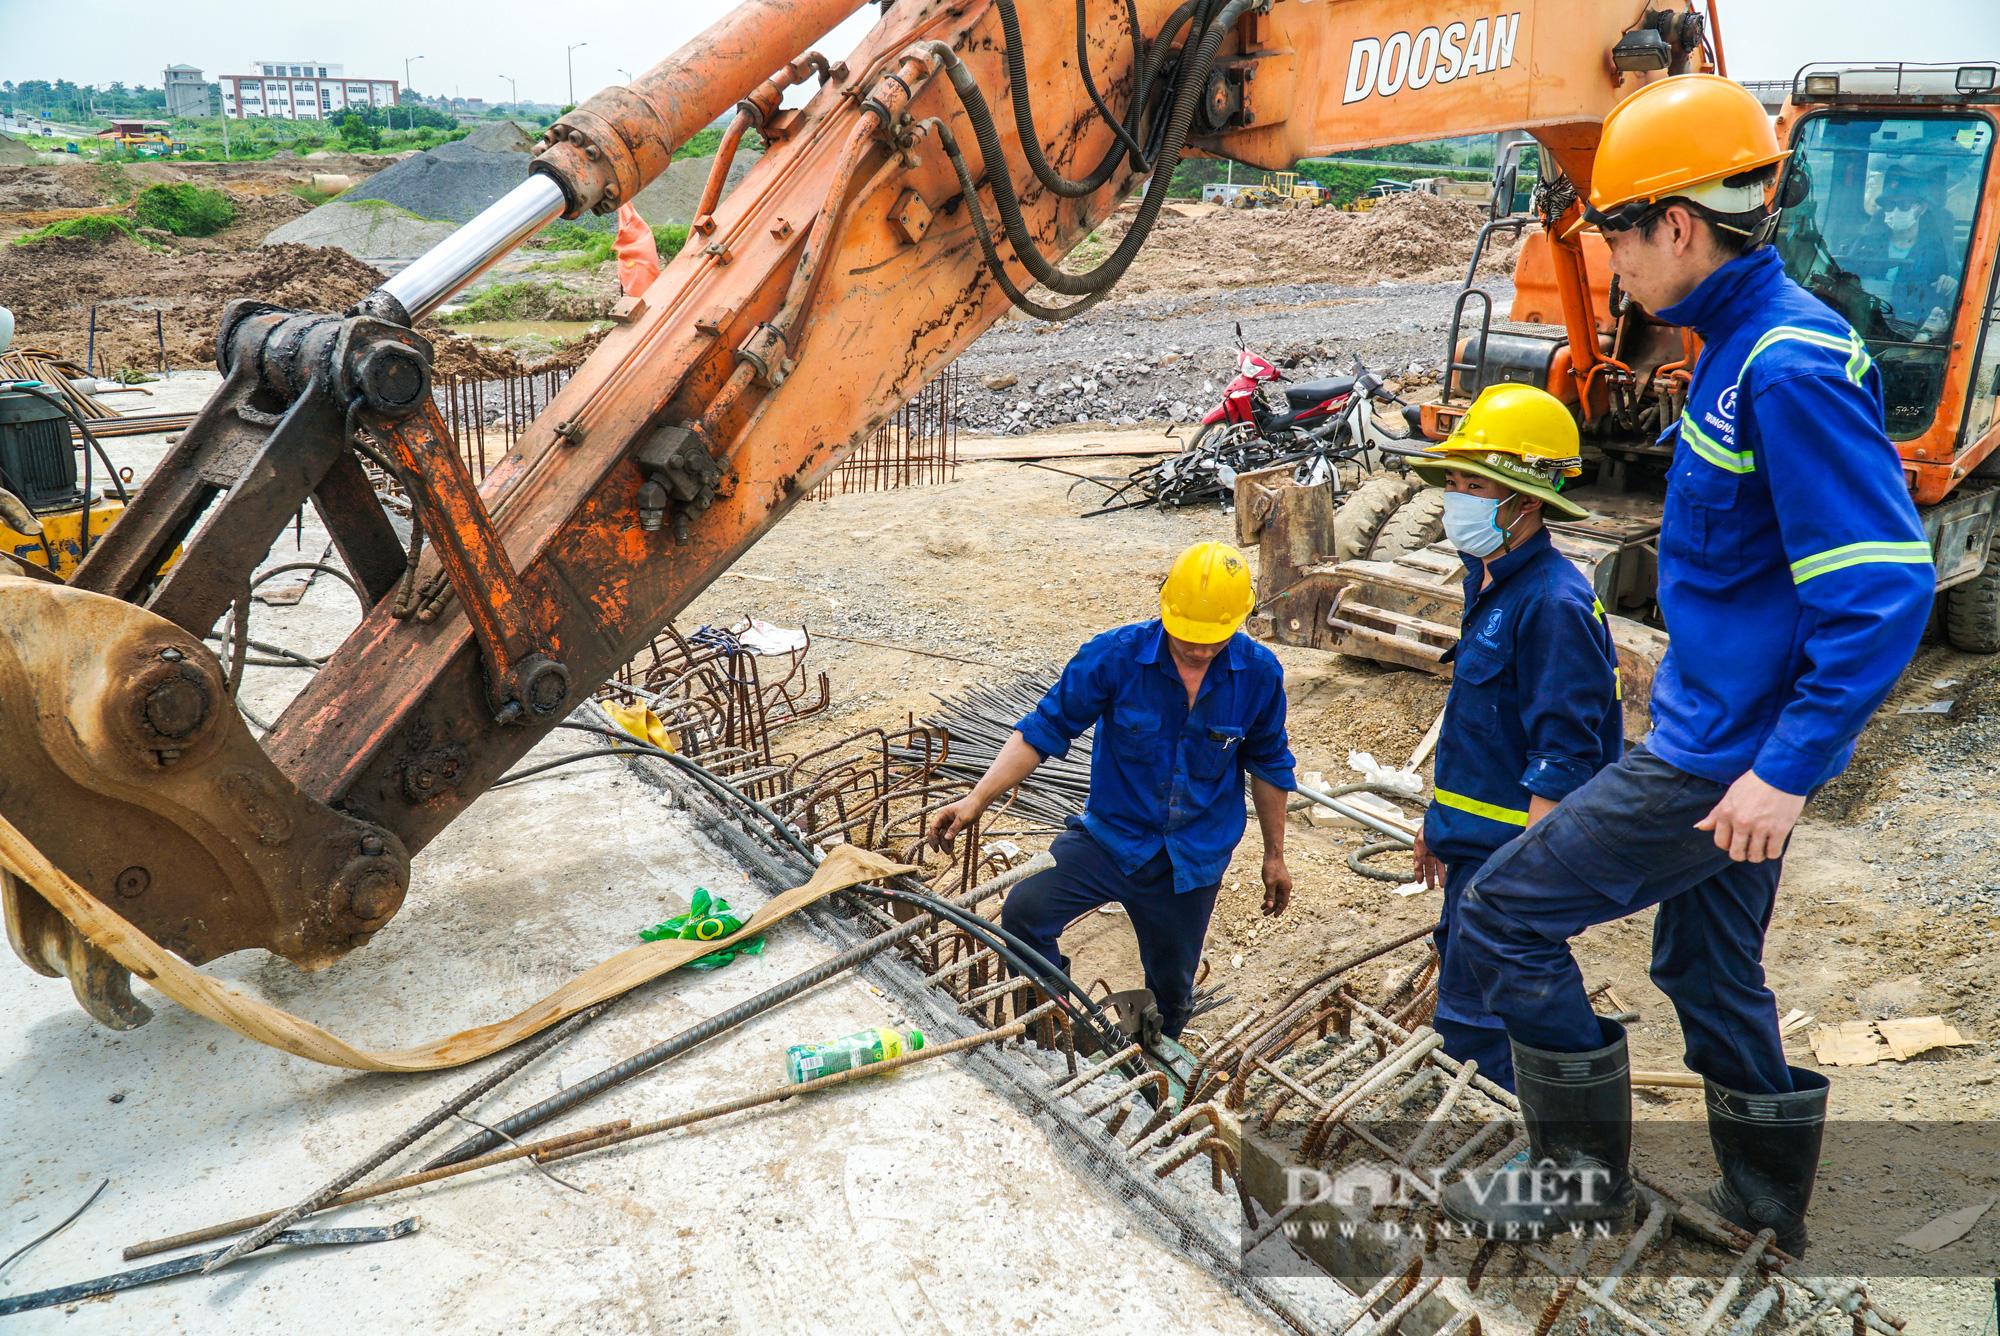 Công nhân tất bật xây dựng tuyến đường 400 tỷ kết nối Vành đai 3 với cao tốc Hà Nội - Hải Phòng - Ảnh 13.